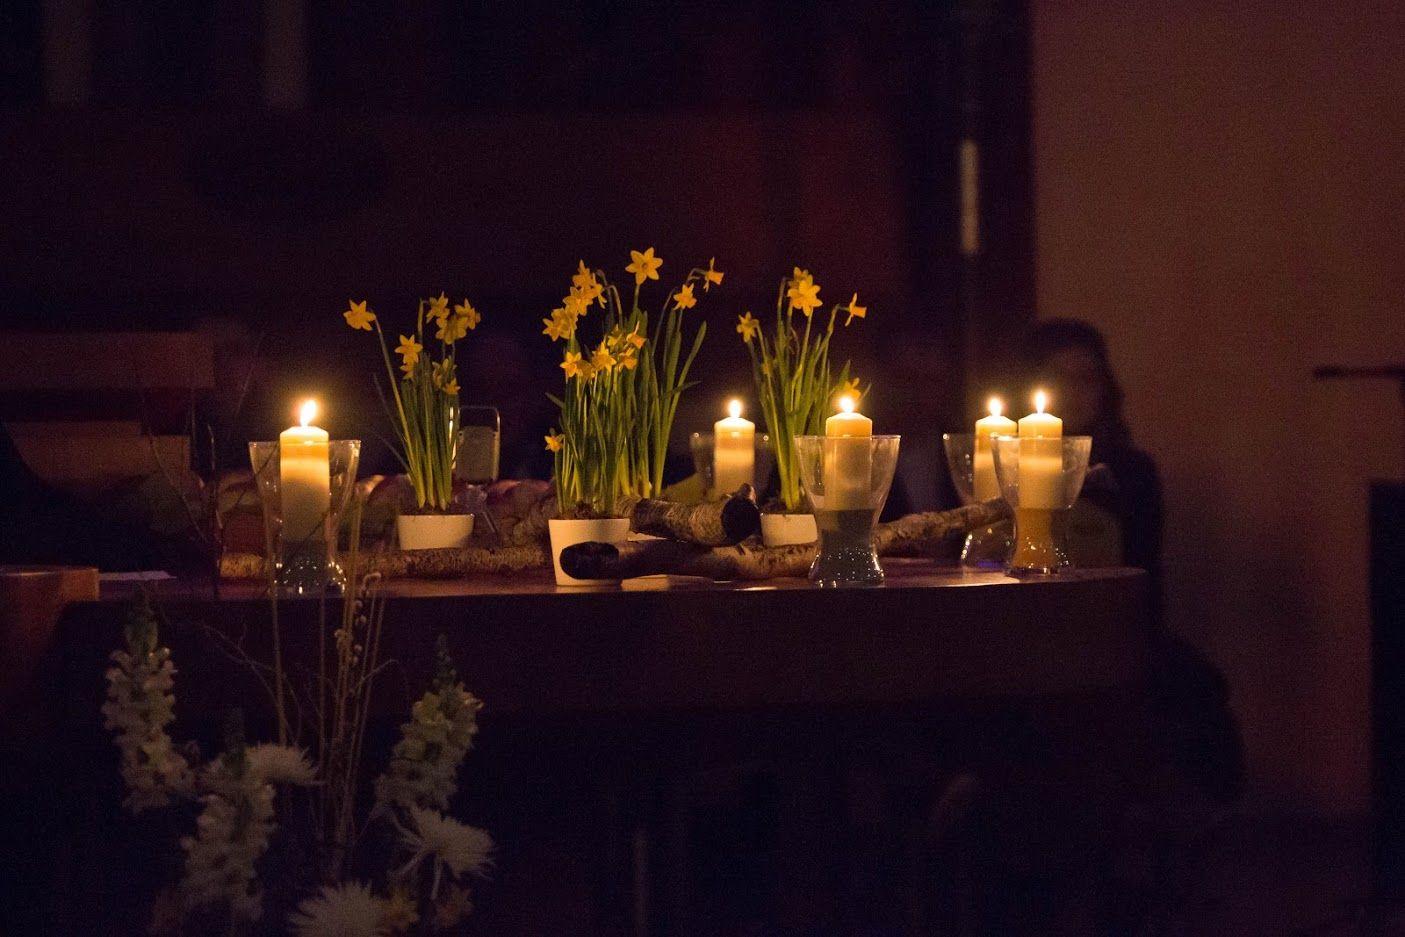 Tageslicht am Karsamstag, 11. April 2020